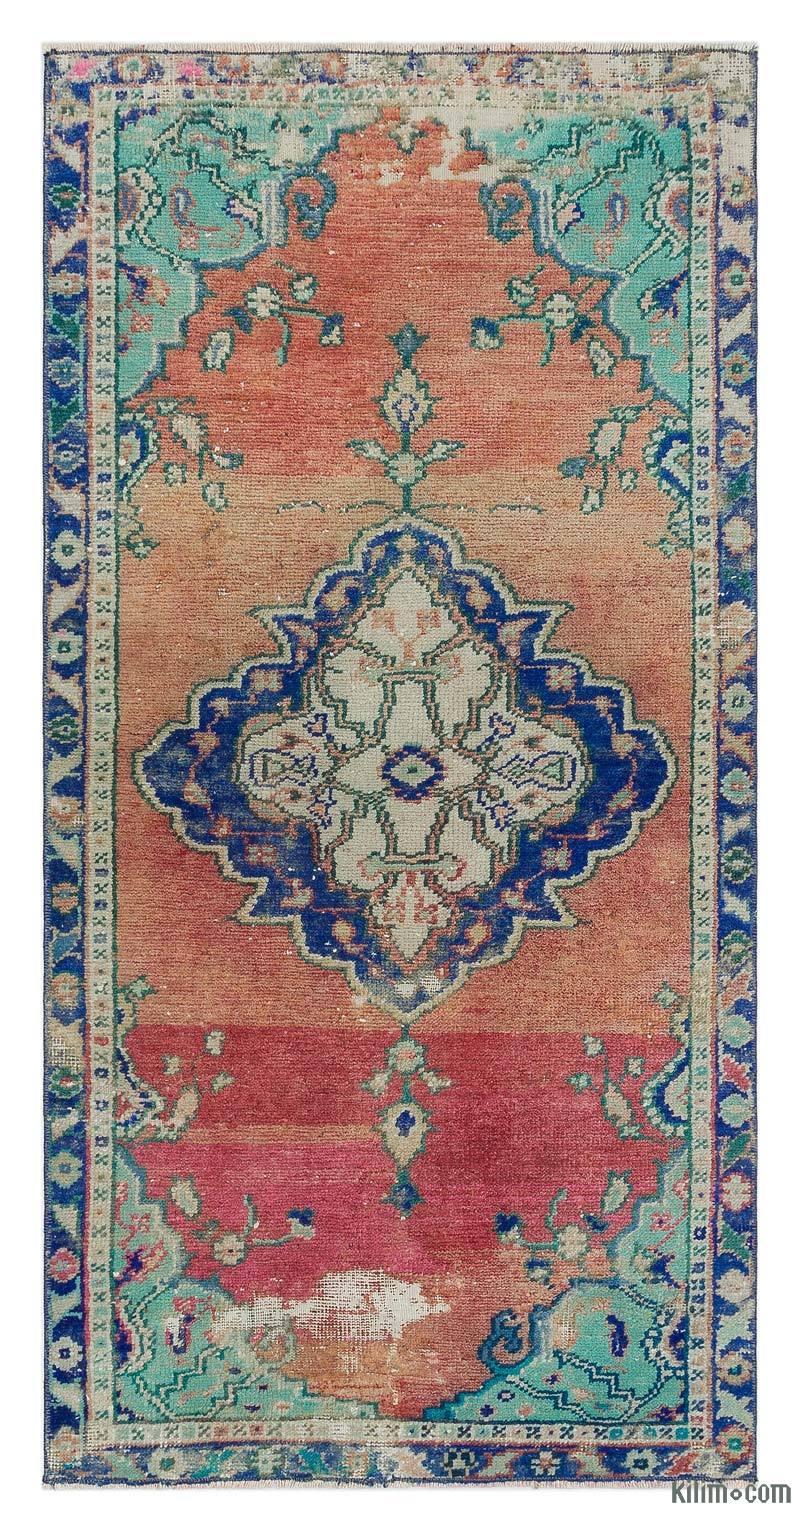 K0044673 Turkish Vintage Area Rug 2 6